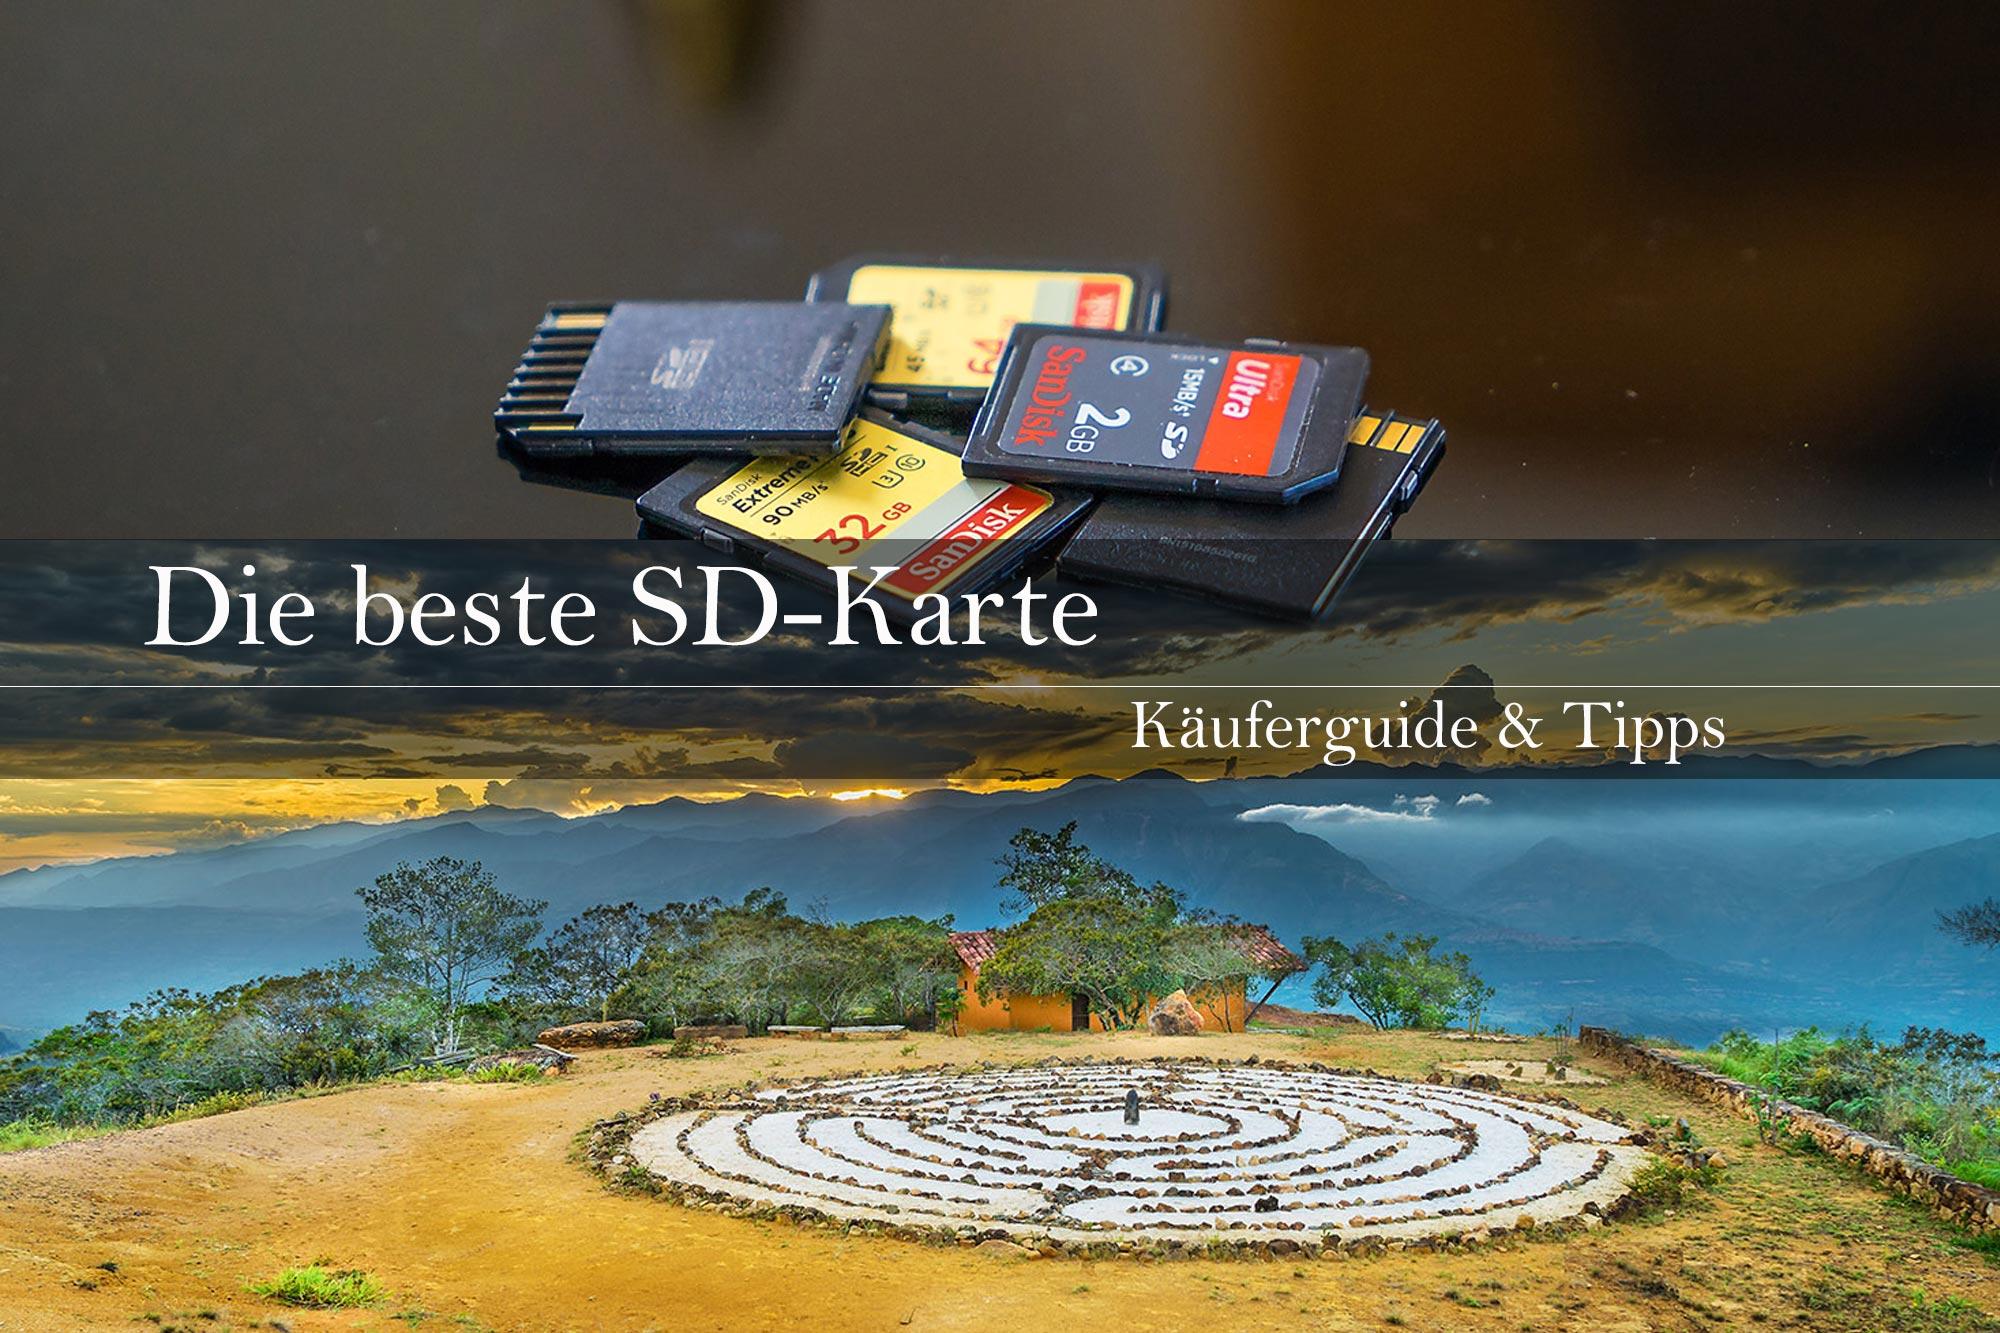 Beste Sd Karte.ᐅ Die Perfekte Sd Karte Käuferguide Test By Markdeu Photography